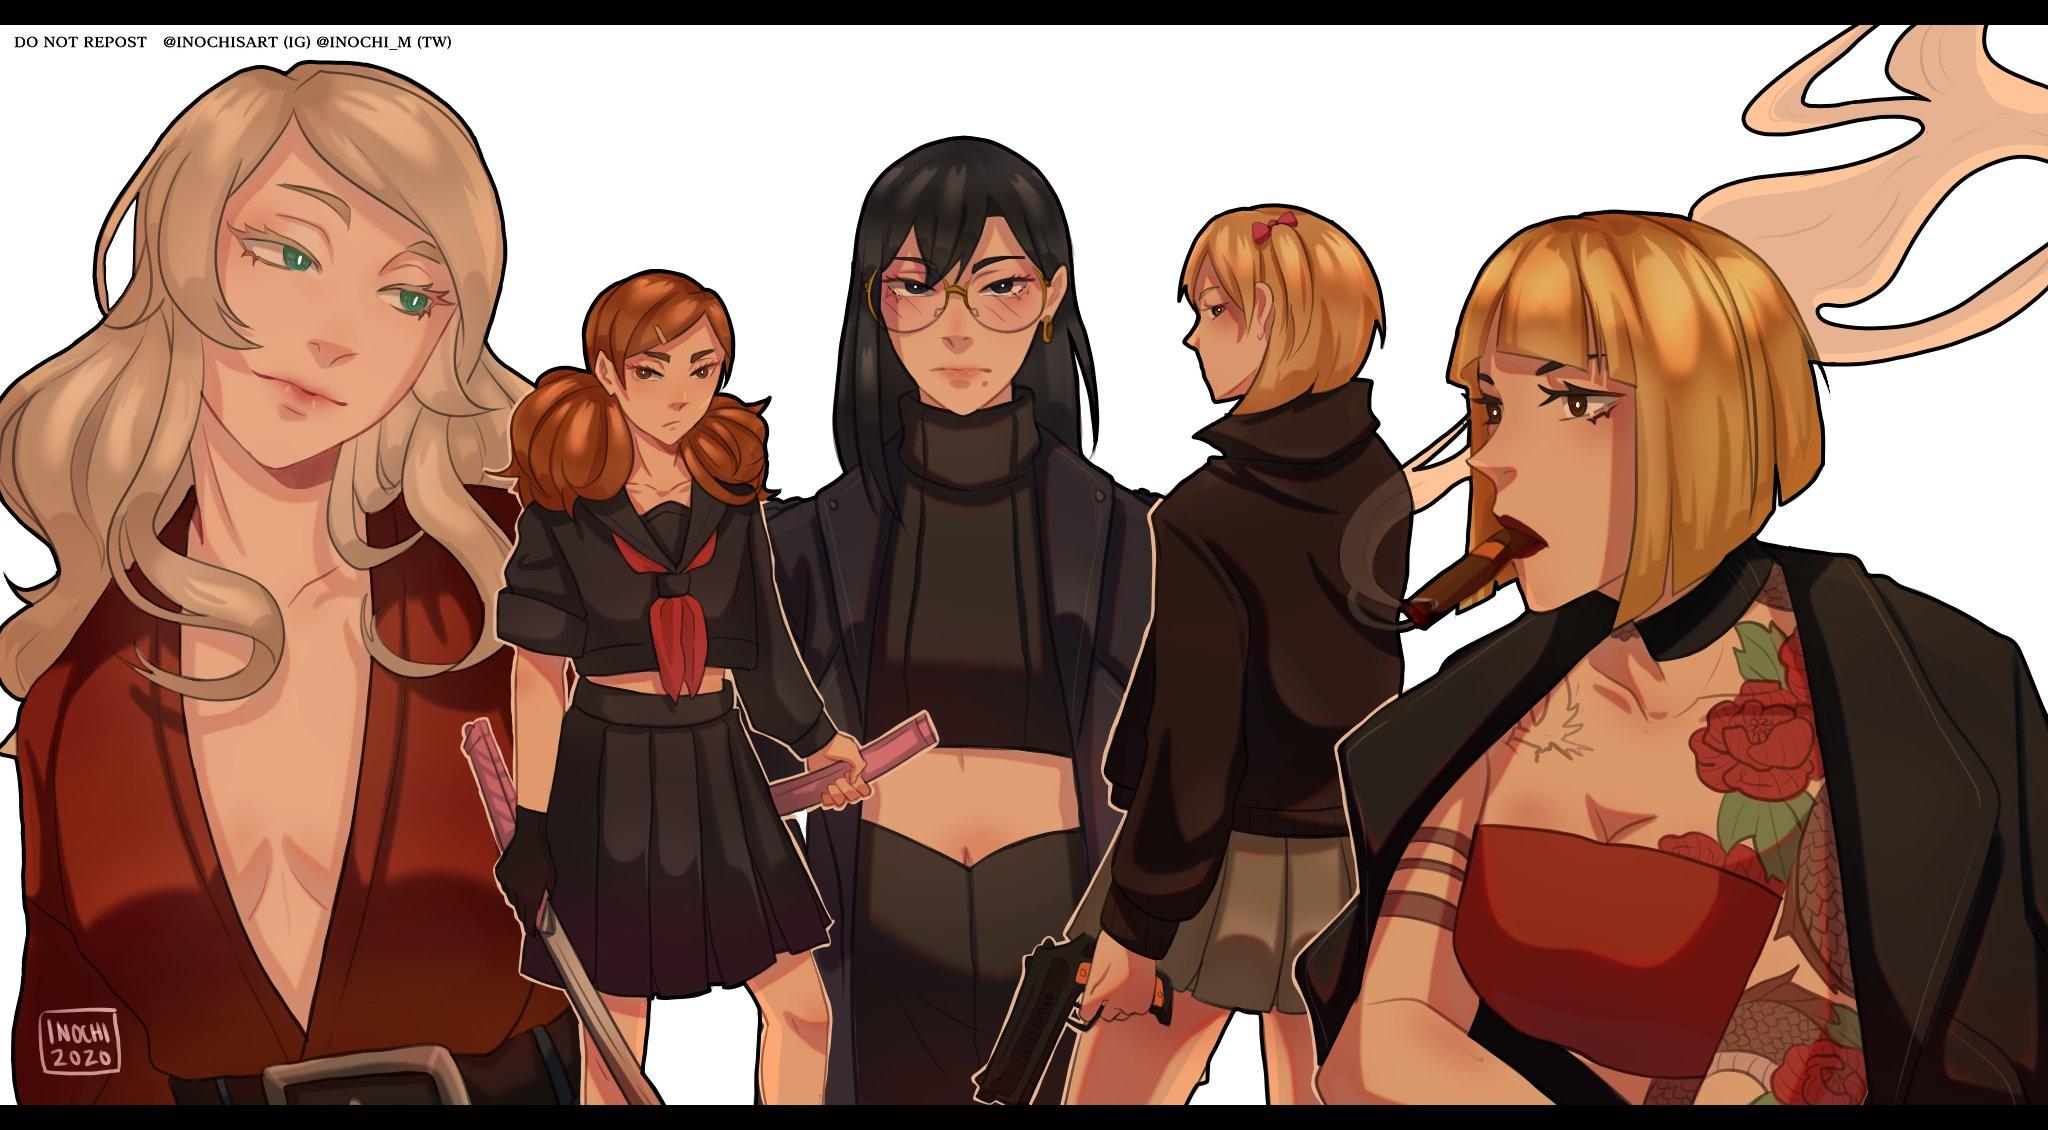 Inochisart On Twitter Simping For Haikyuu Girls In Mafia Au Haikyuufanart Haikyuu Hq ハイキュー Mafiaau